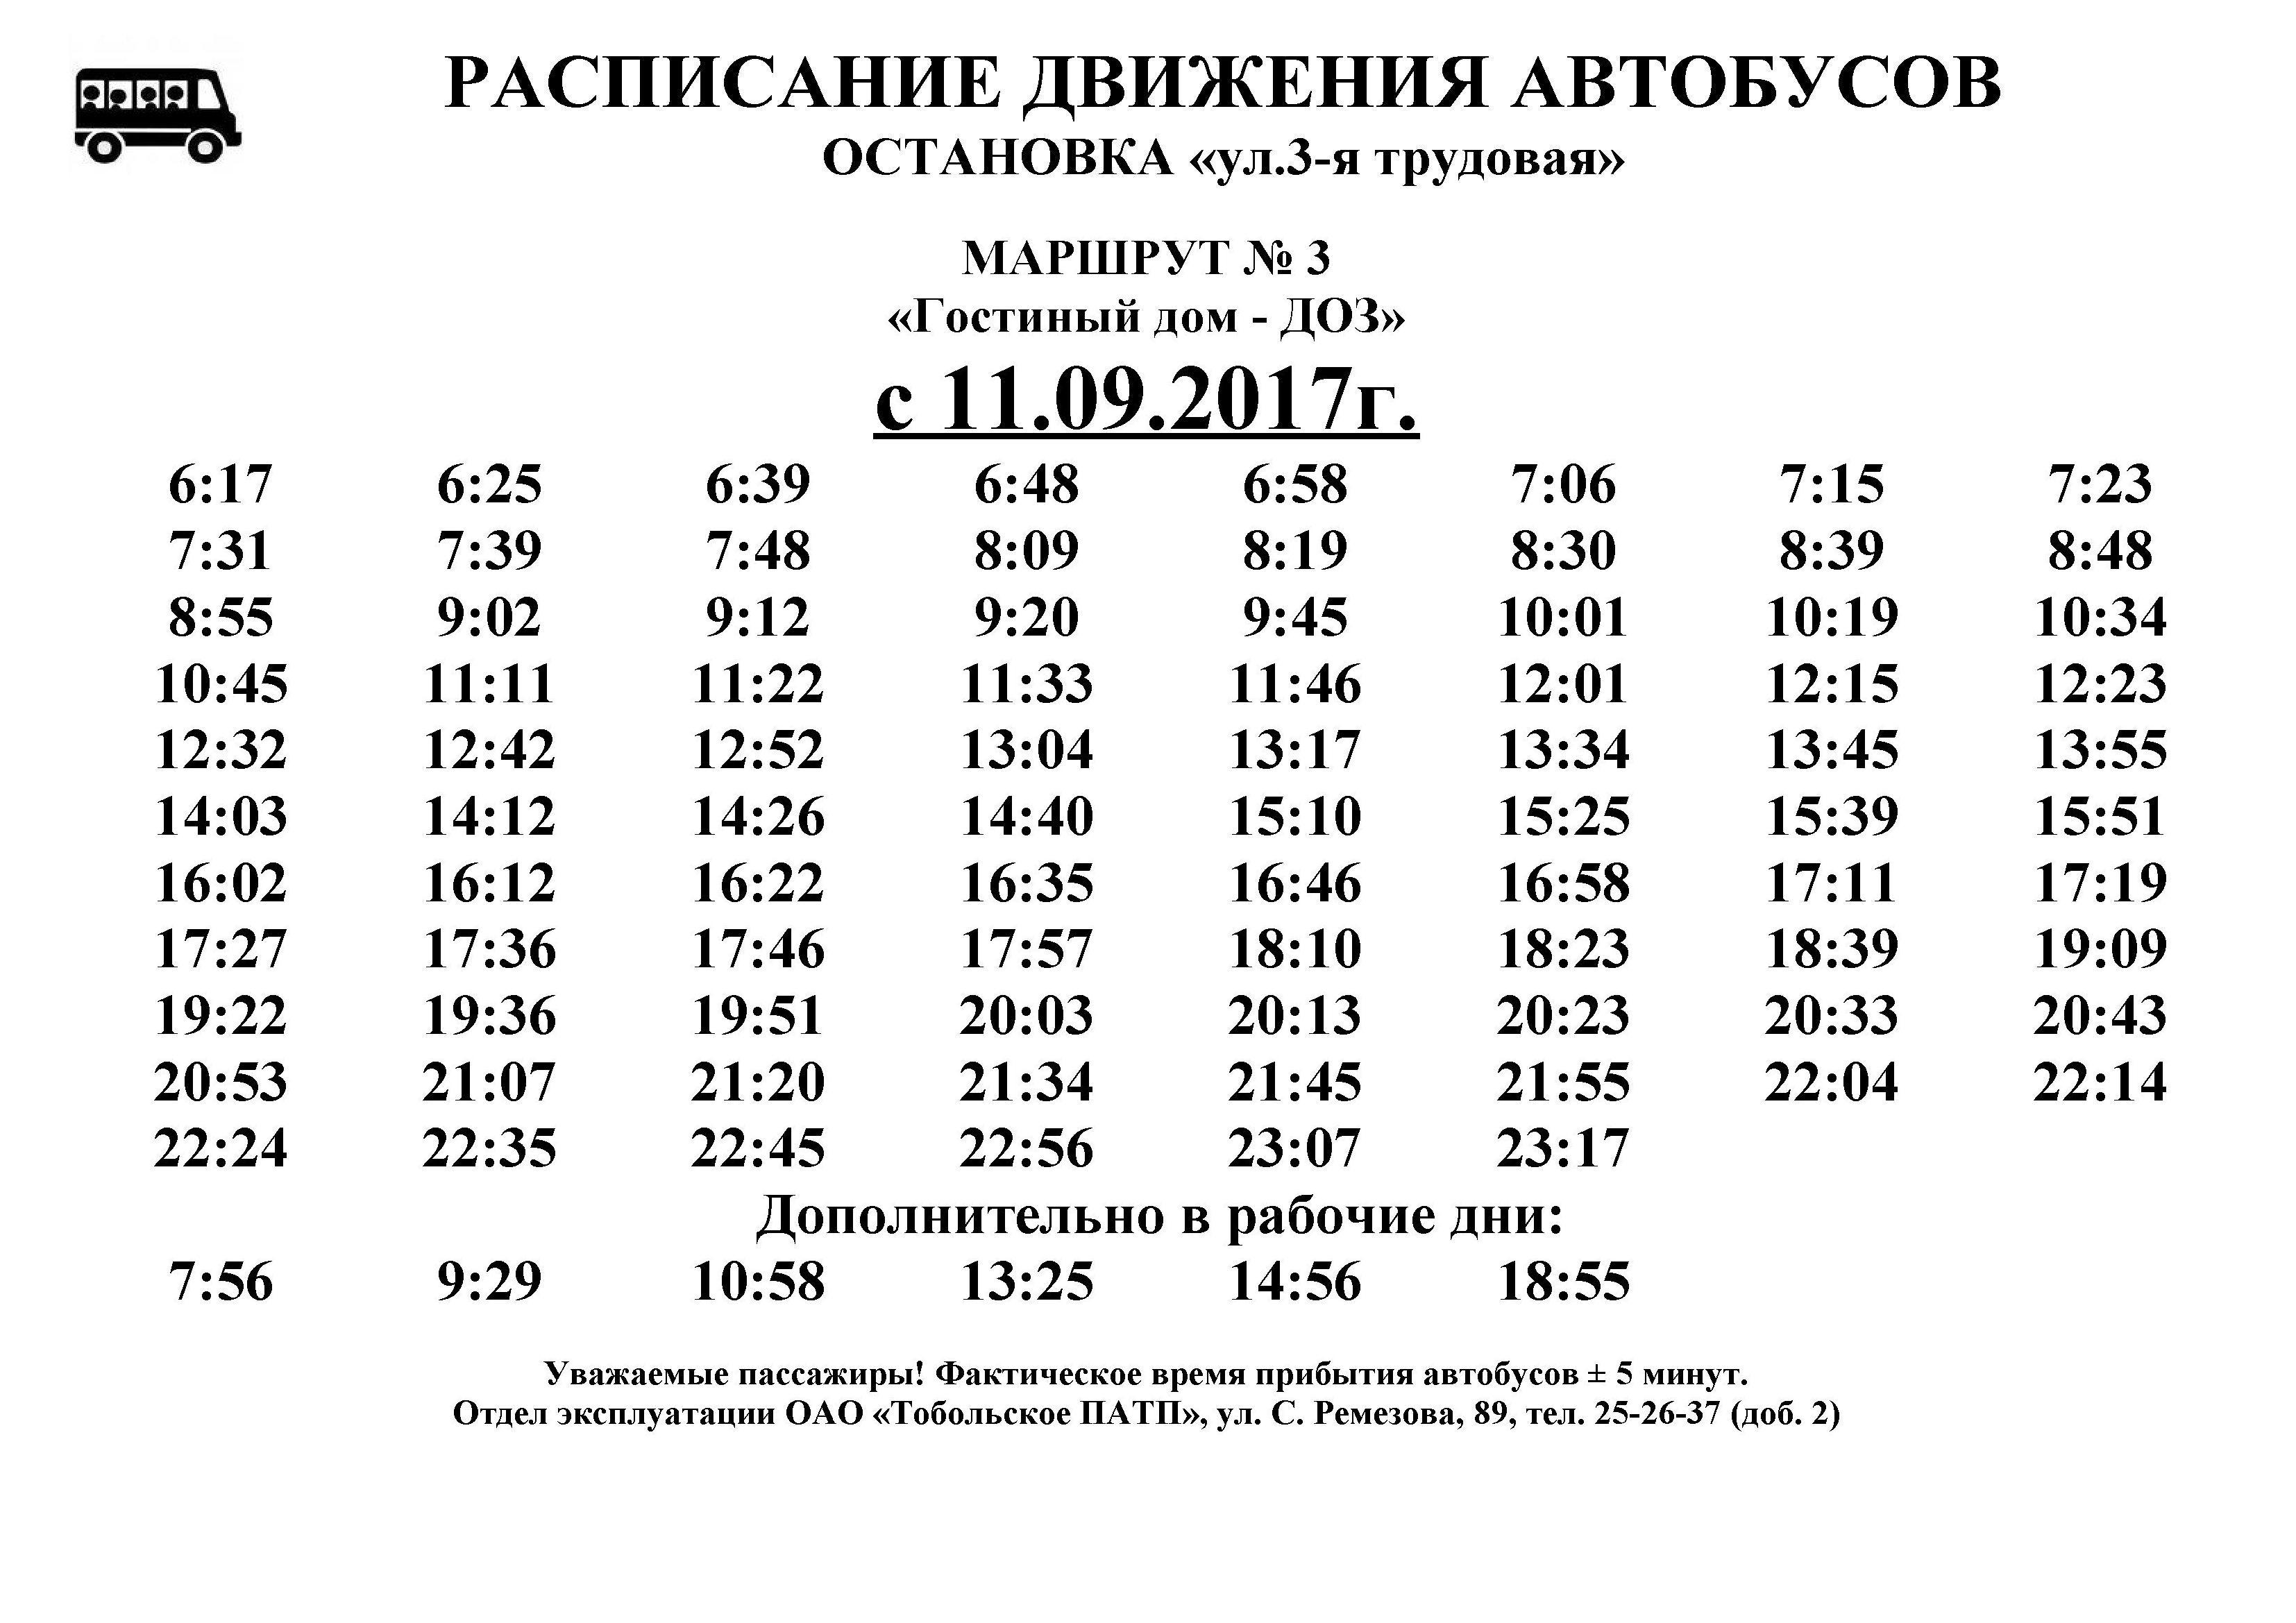 бухгалтерская расписание 11 автобуса киров 2017 расчет возврату